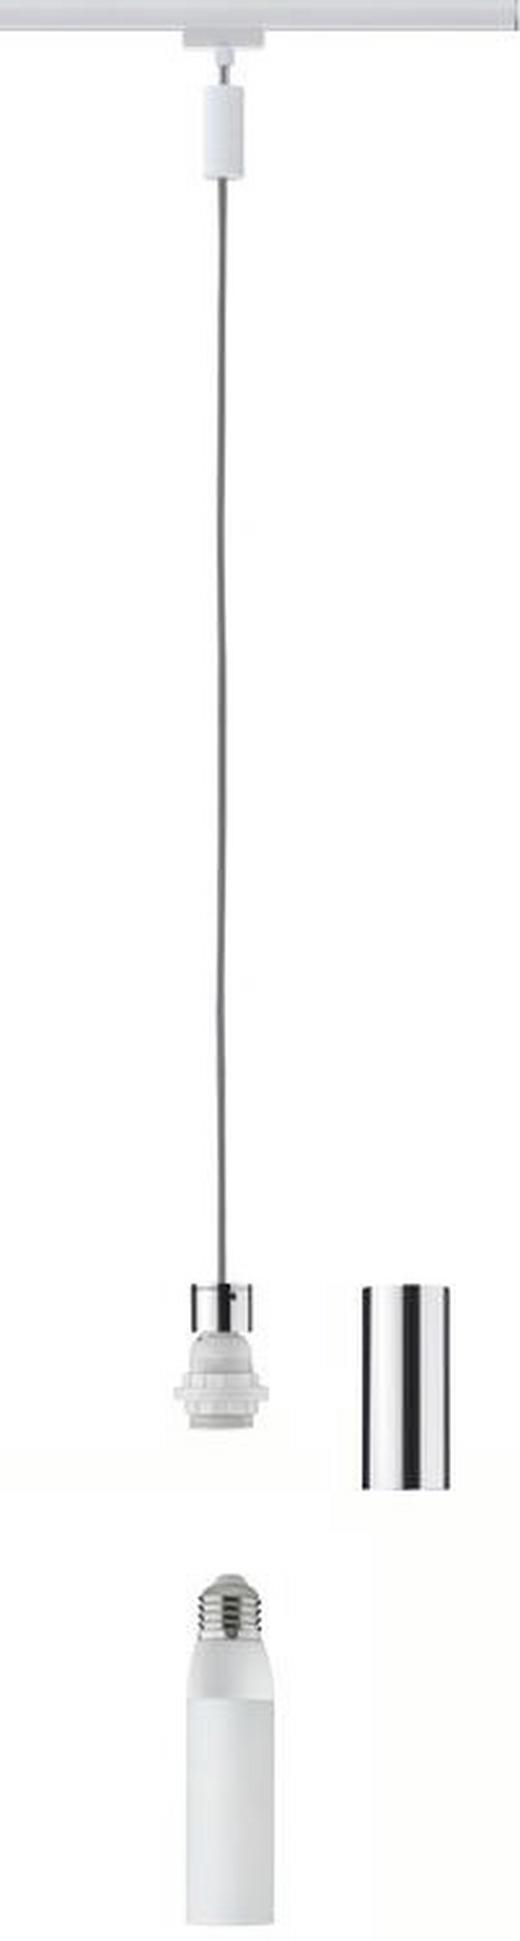 URAIL SCHIENENS.-HÄNGELEUCHTE - Chromfarben/Weiß, Design, Metall (150cm) - Paulmann